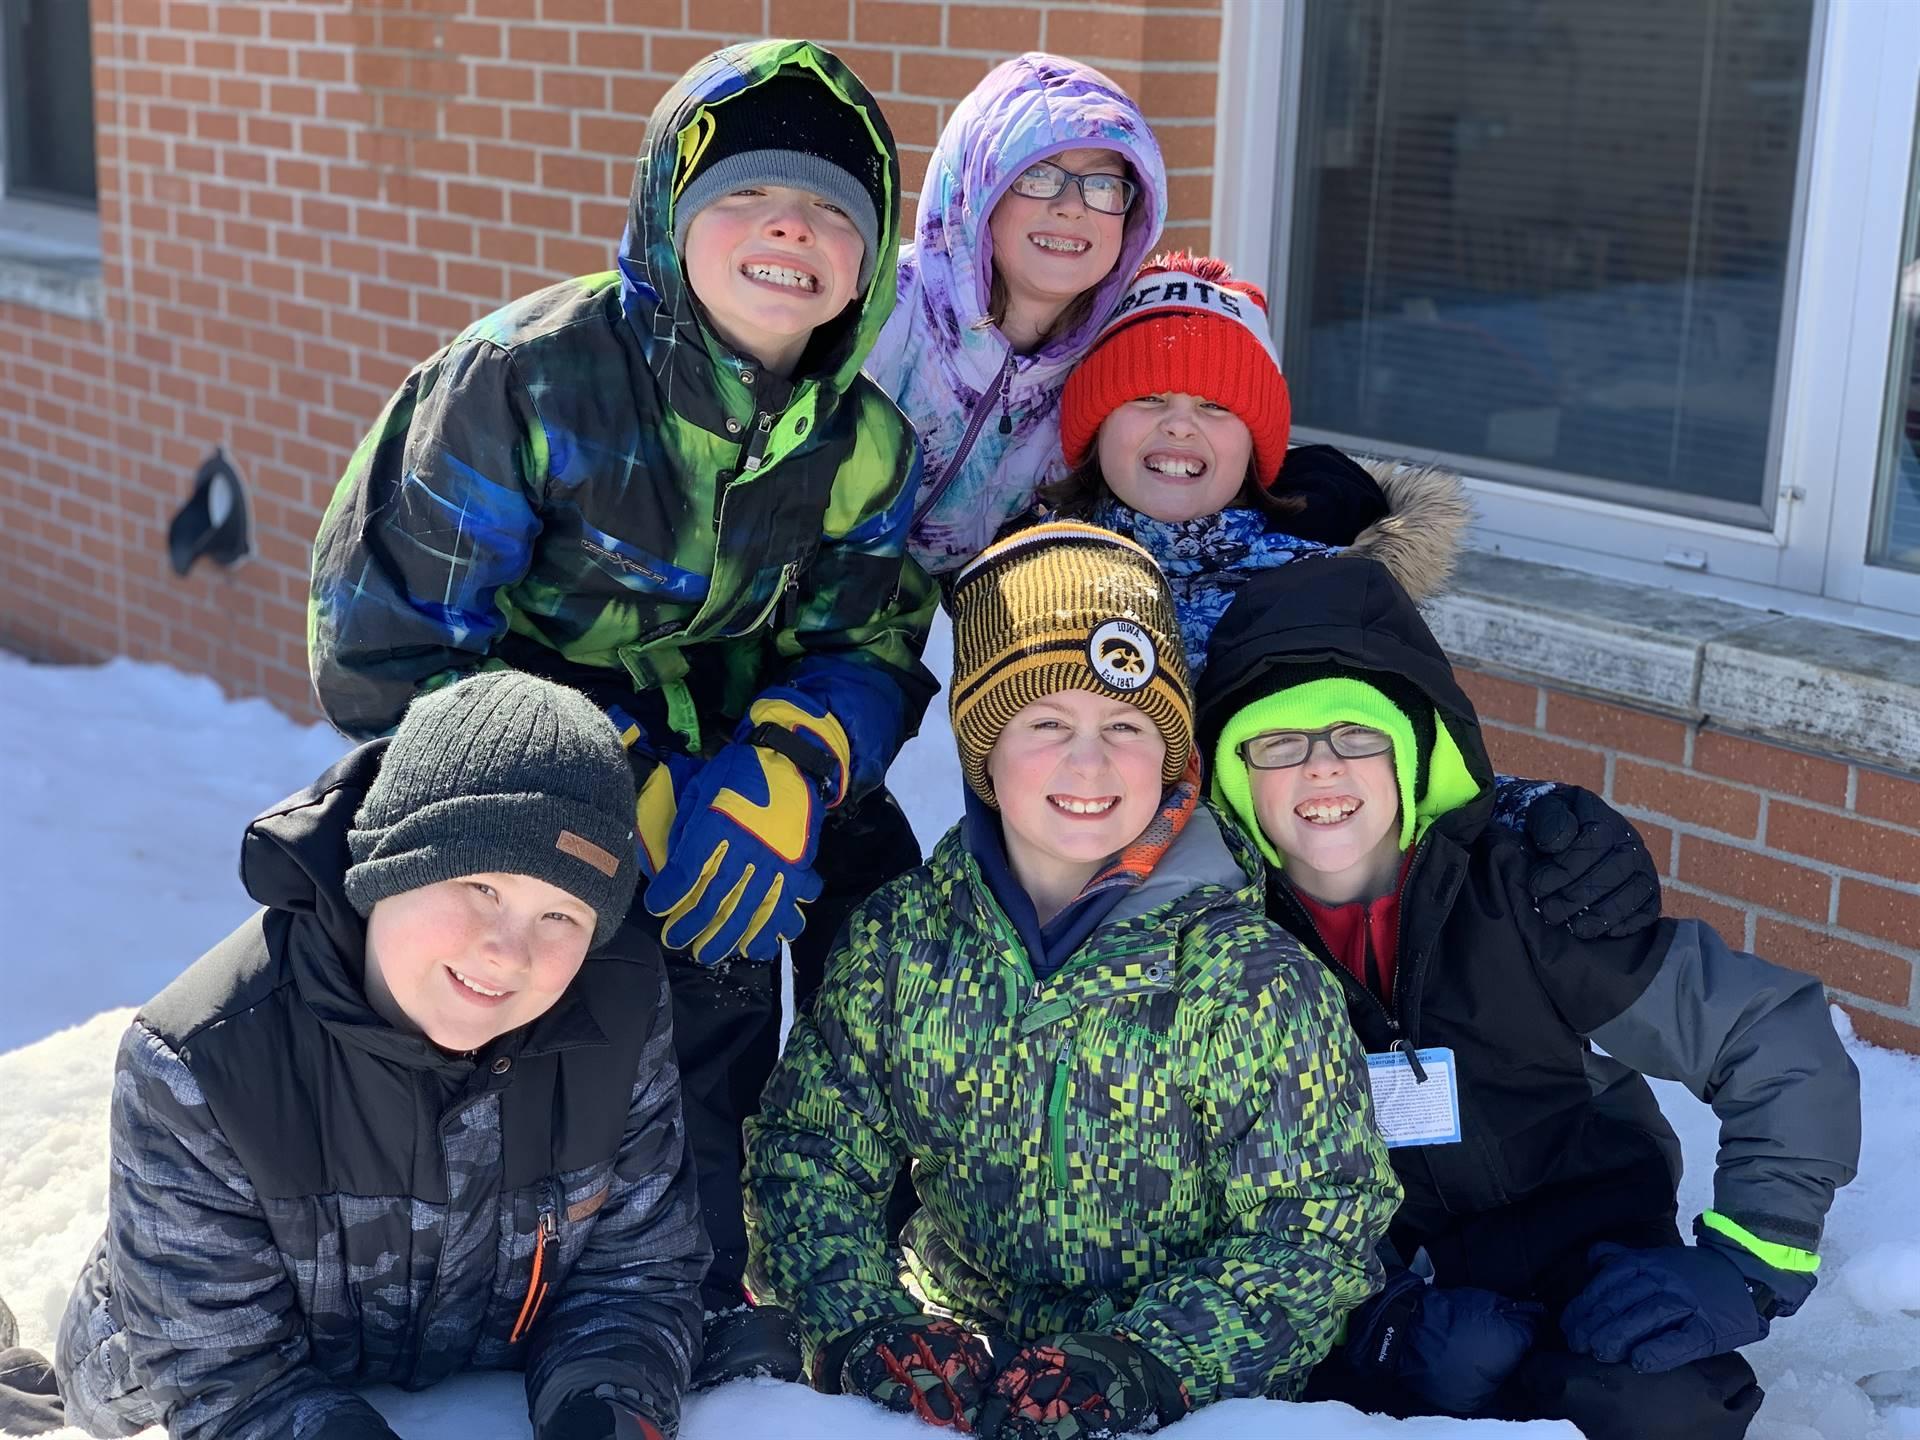 Fourth graders at recess